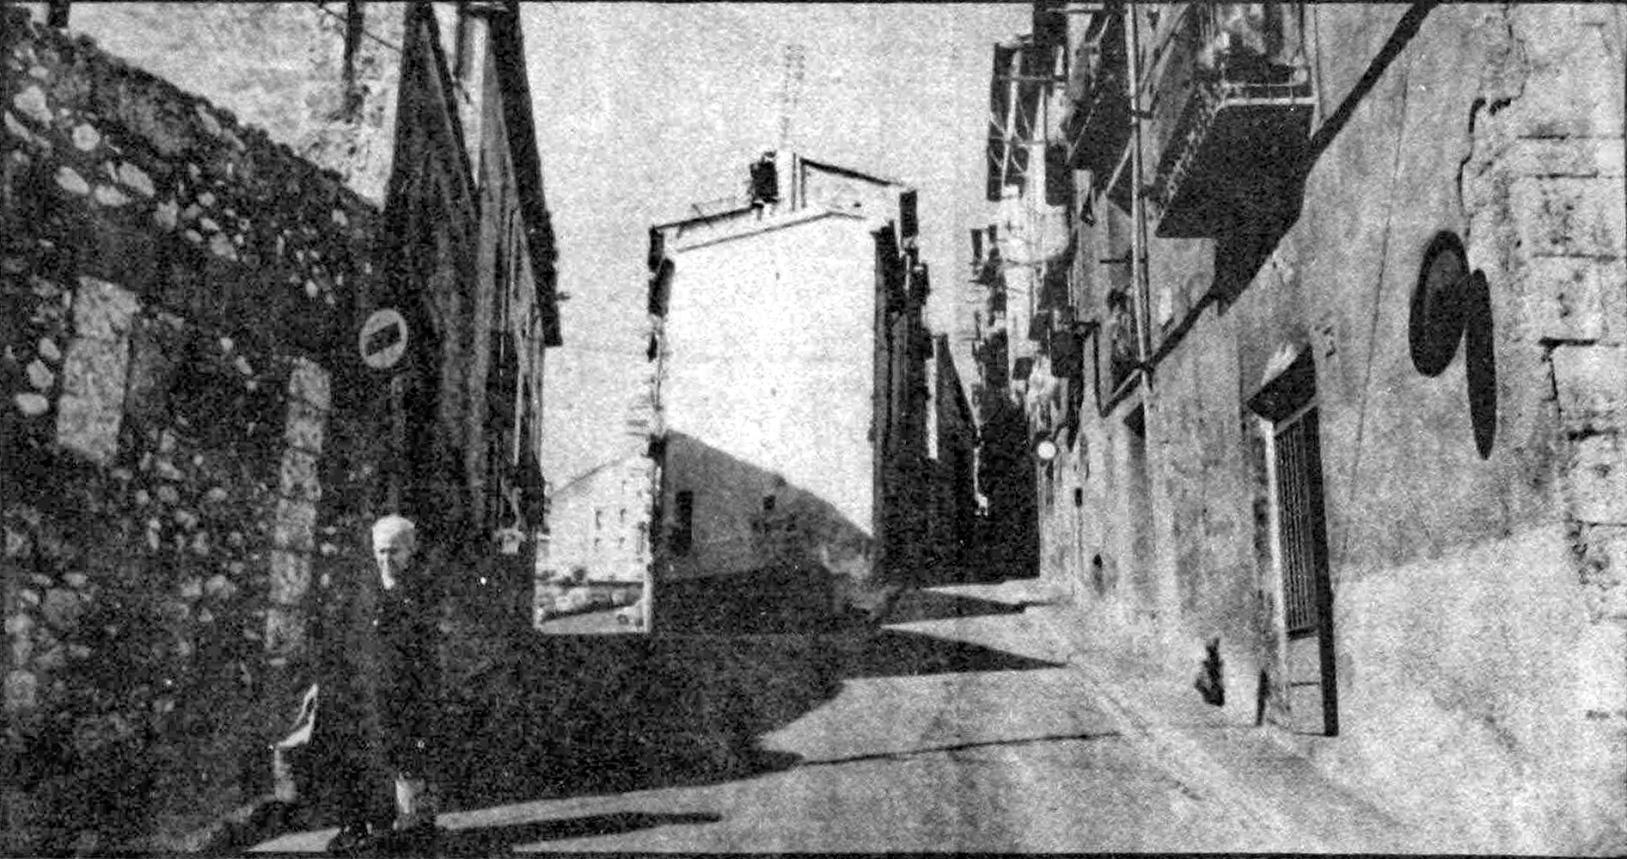 sant-miquel-i-verge-maria_19790630_ciudad